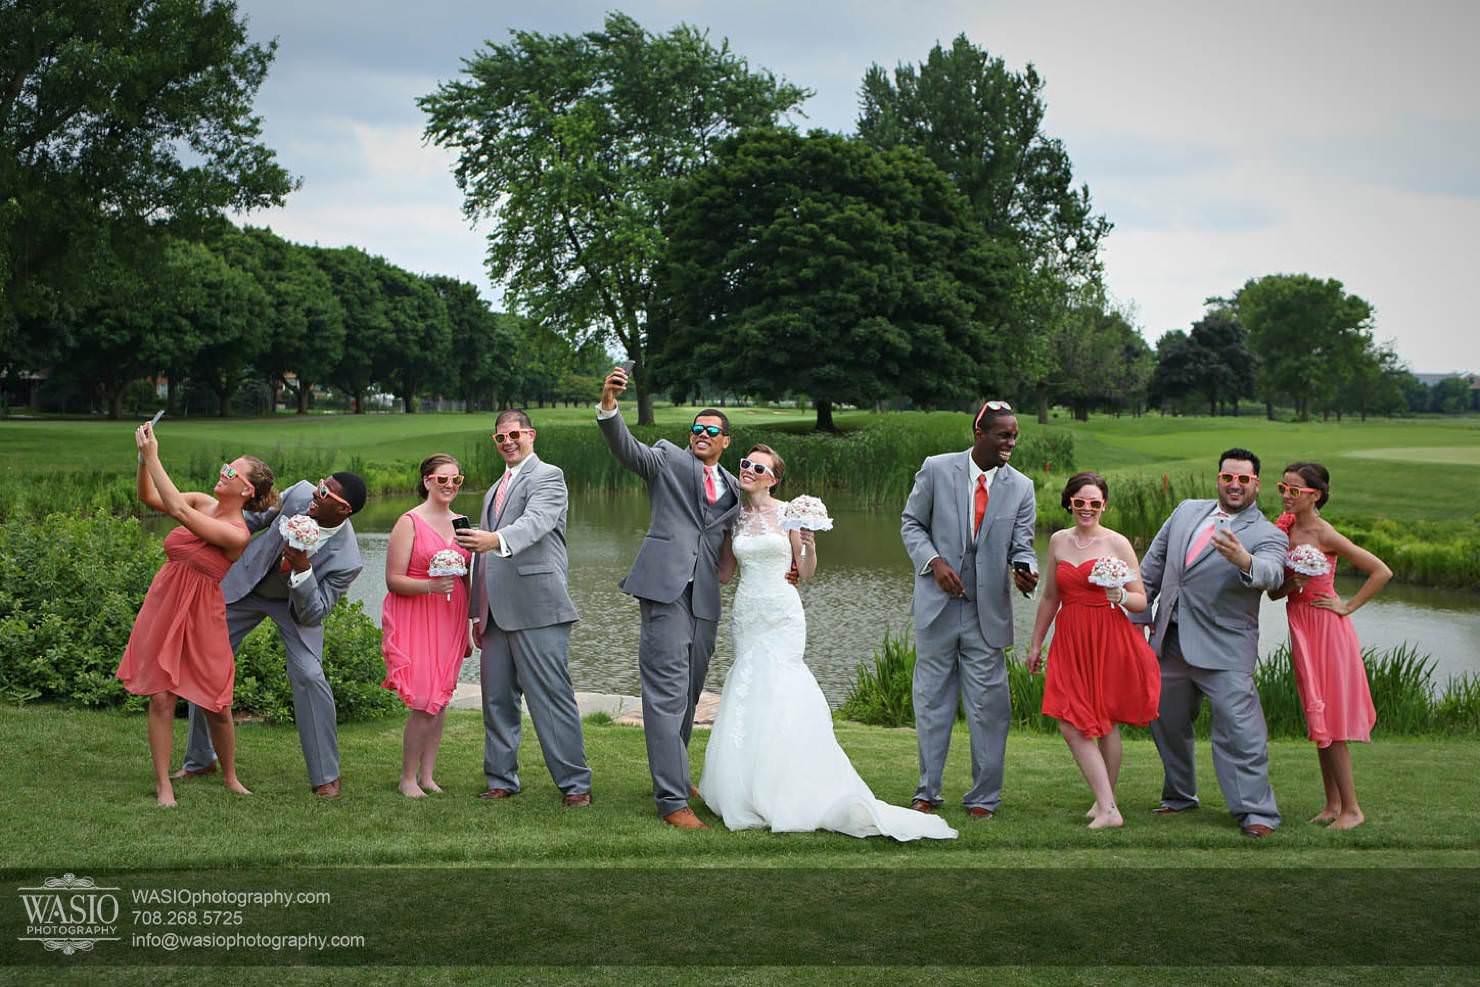 wedding-bridal-party-selfie-orange-fun Chevy Chase Country Club Wedding - Elizabeth & Michael